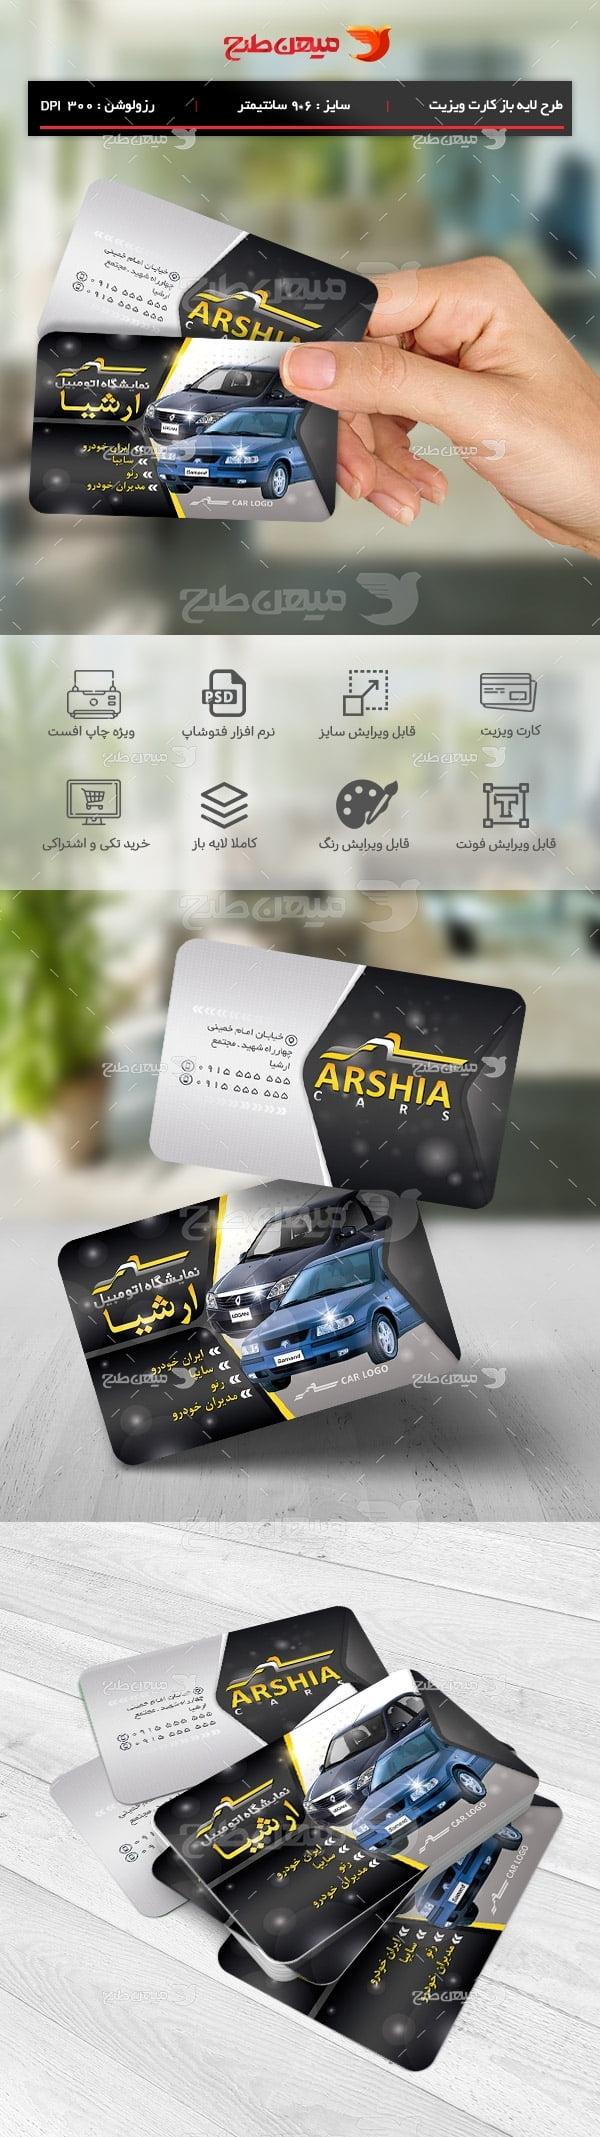 طرح لایه باز کارت ویزیت تبلیغاتی نمایشگاه اتومبیل